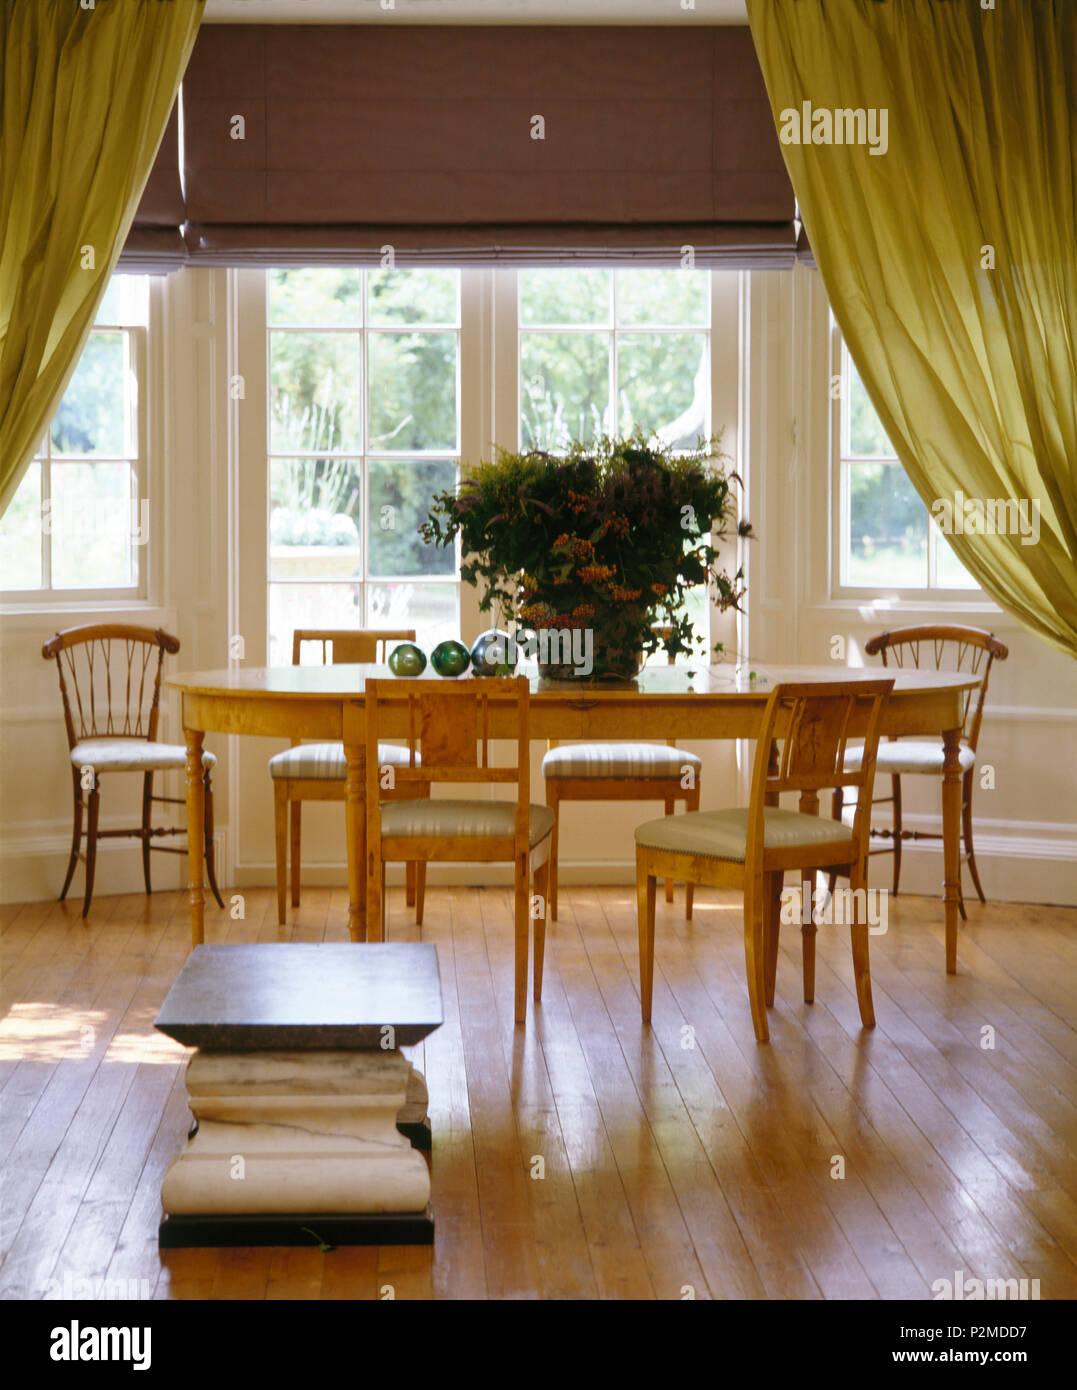 Holzboden In Esszimmer Mit Einfachen Holz Tisch Und Stuhle Vor Der